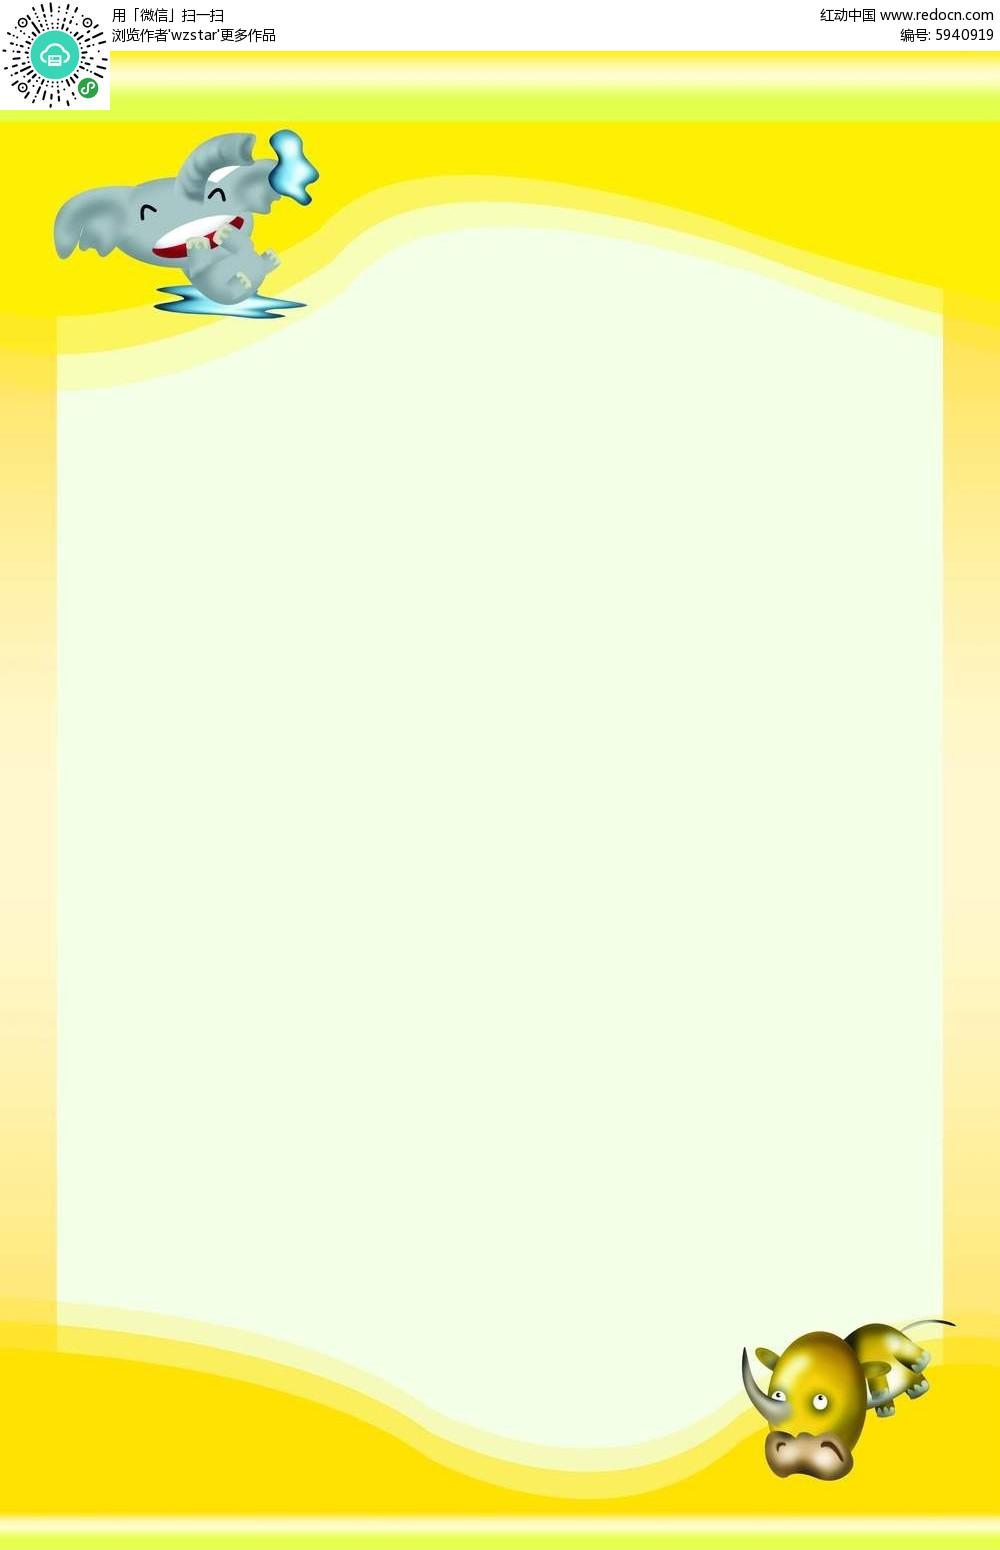 卡通人物海报背景psd免费下载_展板户外素材